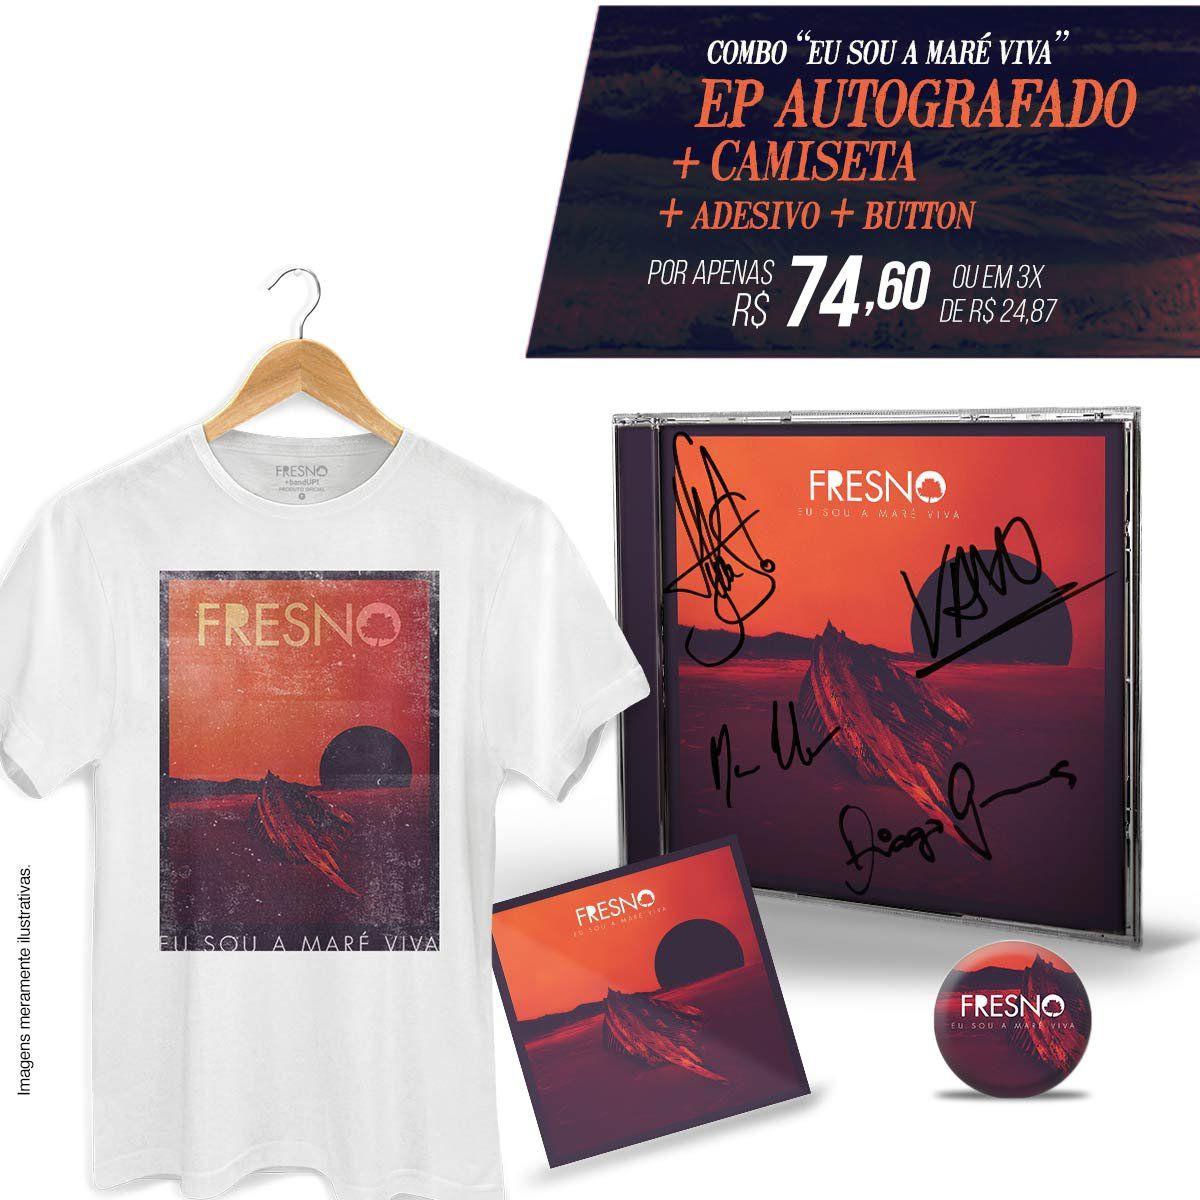 Combo Masculino Fresno EP AUTOGRAFADO Eu Sou a Maré Viva + Camiseta + Button + Adesivo